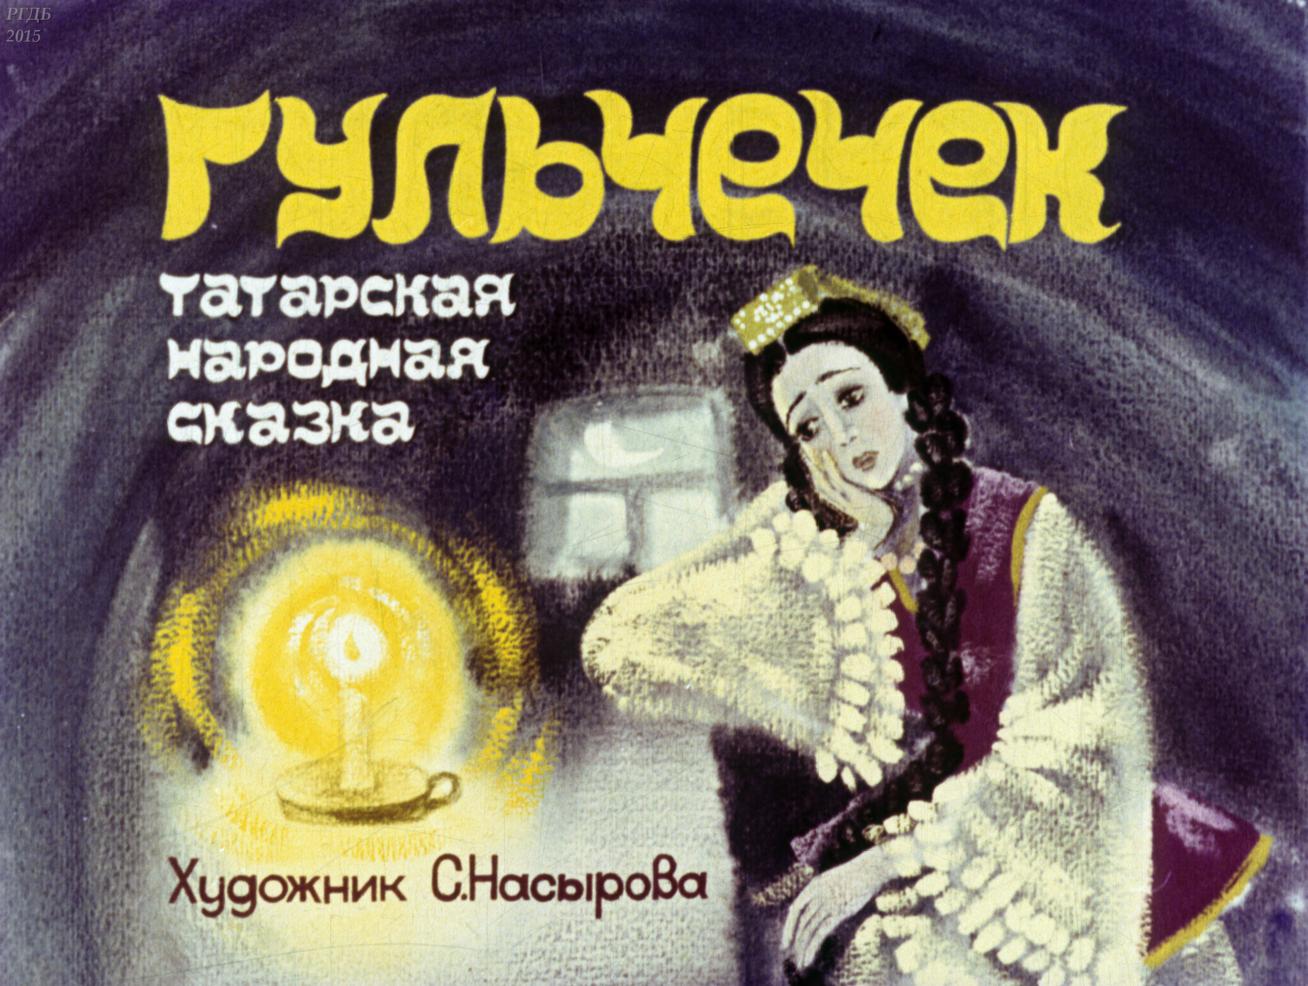 1980. Гульчечек. Сказка. Диафильм